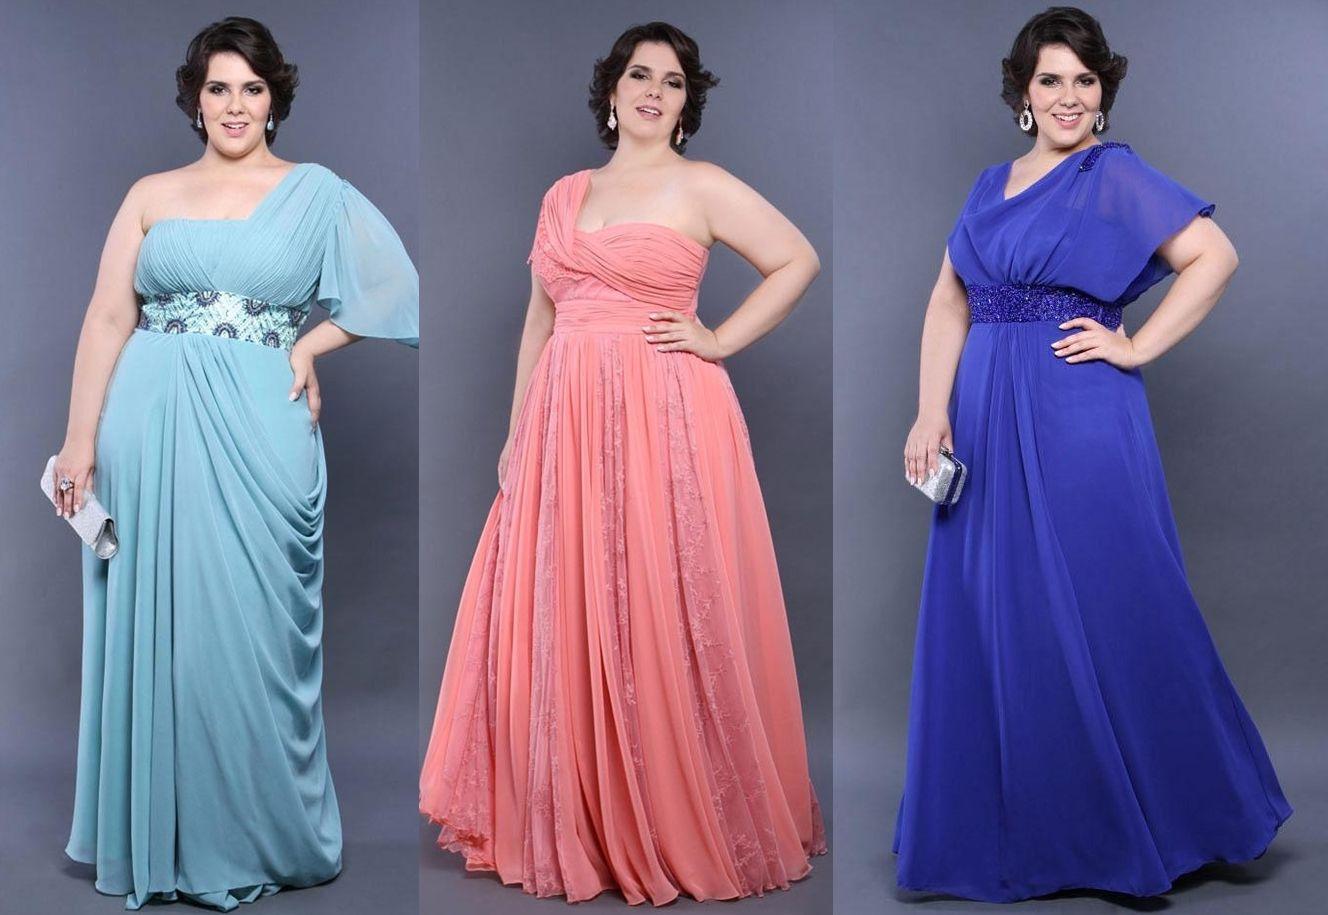 vestidos de festa plus size - Pesquisa Google | Ropa y estilos ...